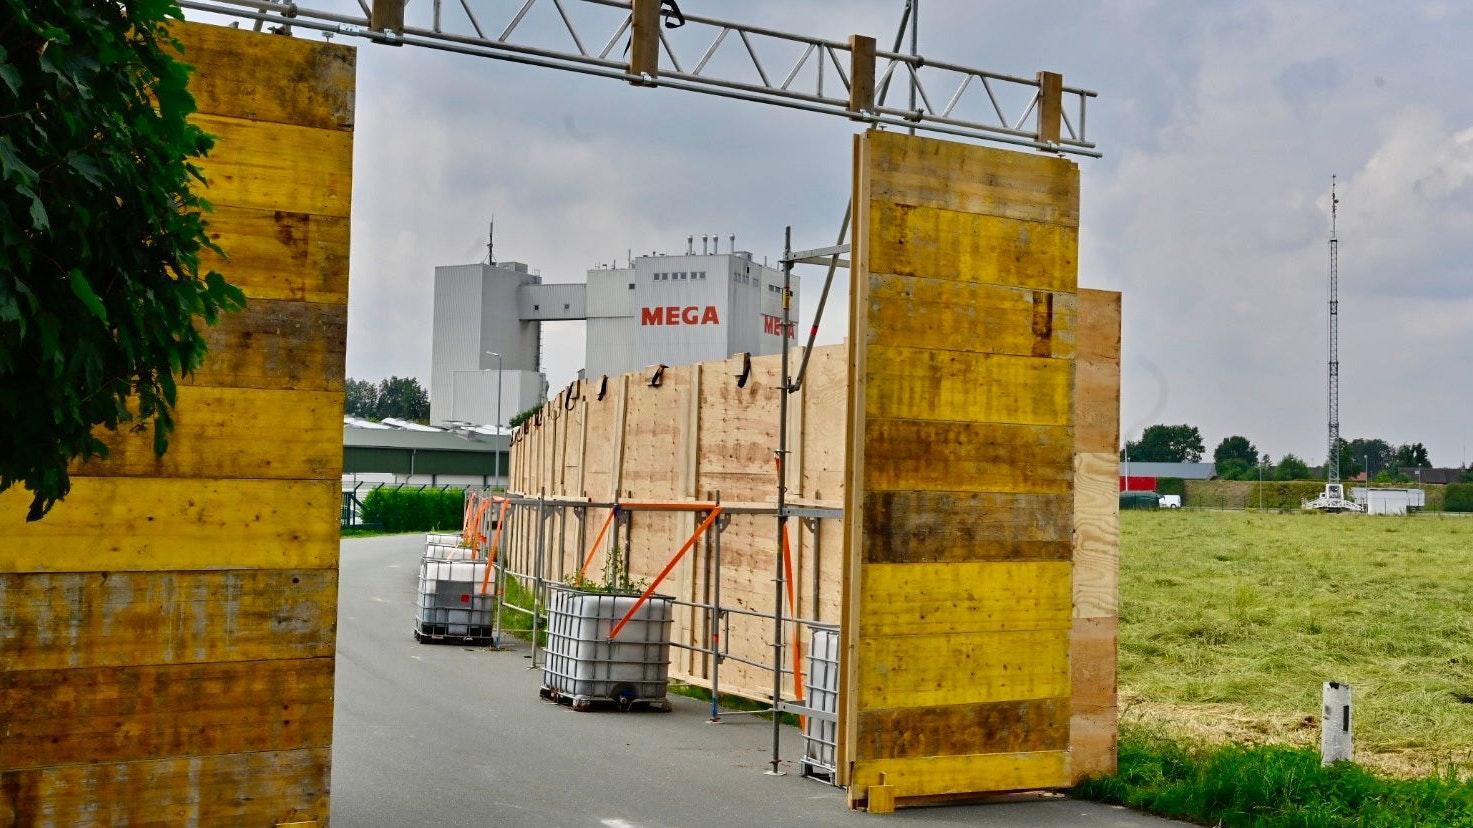 Das Schleusentor ist noch geöffnet: Der PHW-Konzern mit der Mega-Mühle in Rechterfeld am Samstag. Foto: M. Niehues